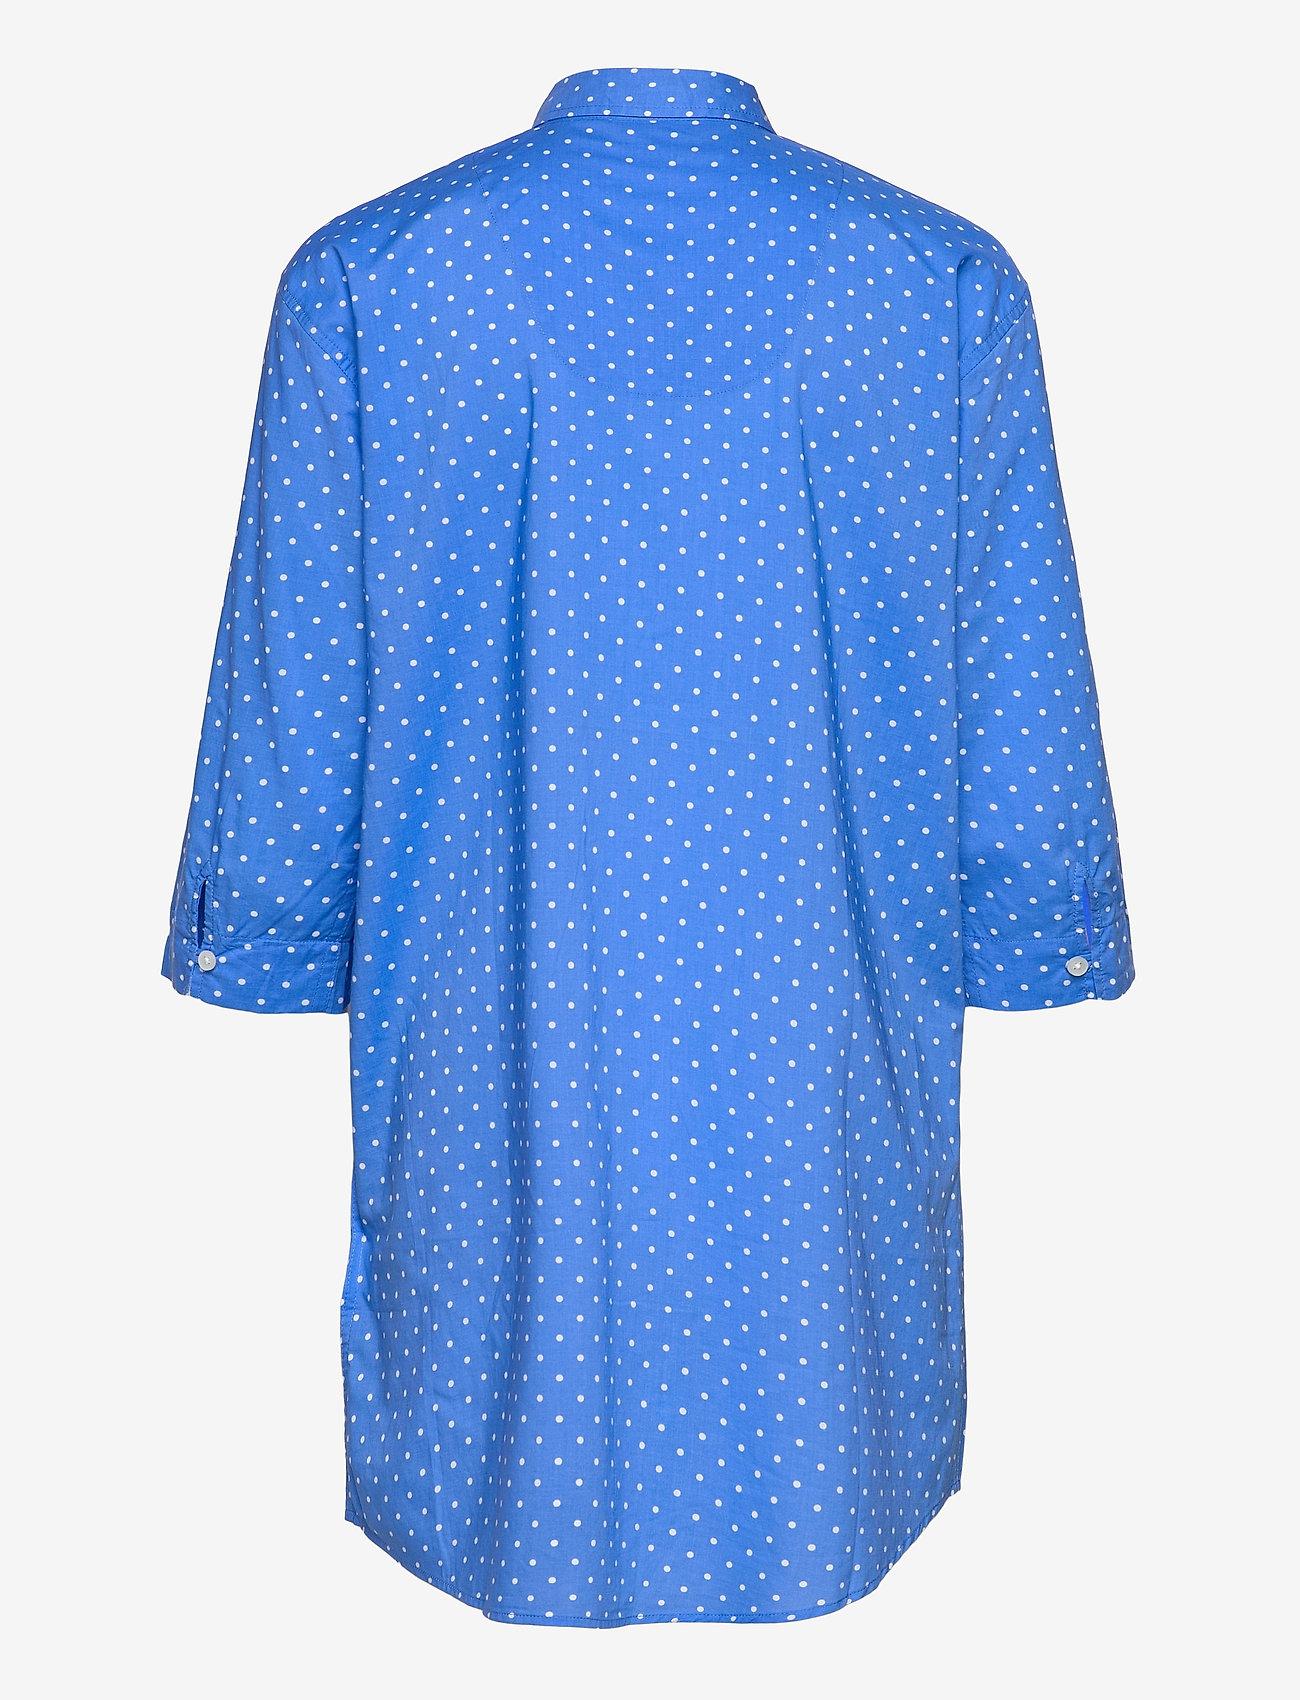 Lauren Ralph Lauren Homewear - LRL ROLL TAB HIS SLEEPSHIRT - natkjoler - blue dot - 1